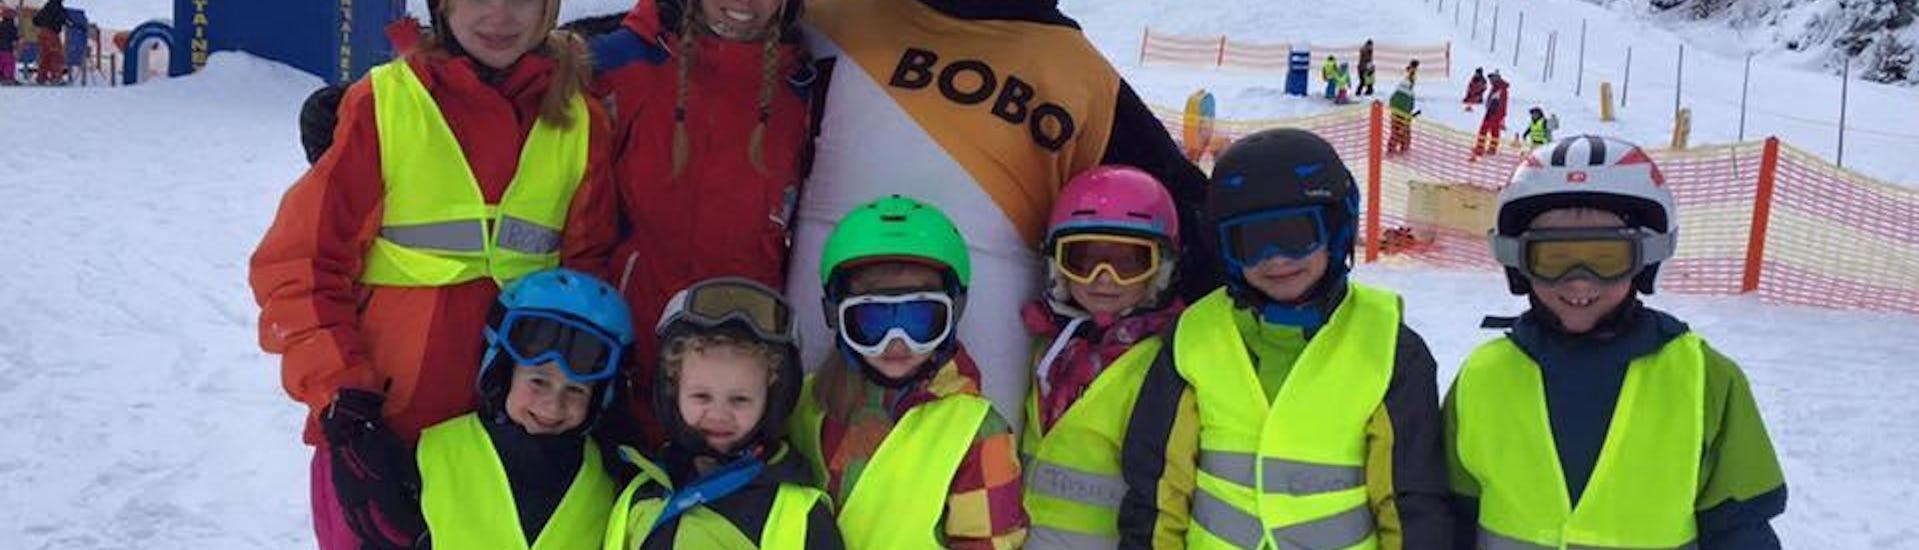 skikurs für kinder ab 4 jahren  spieljoch  anfänger